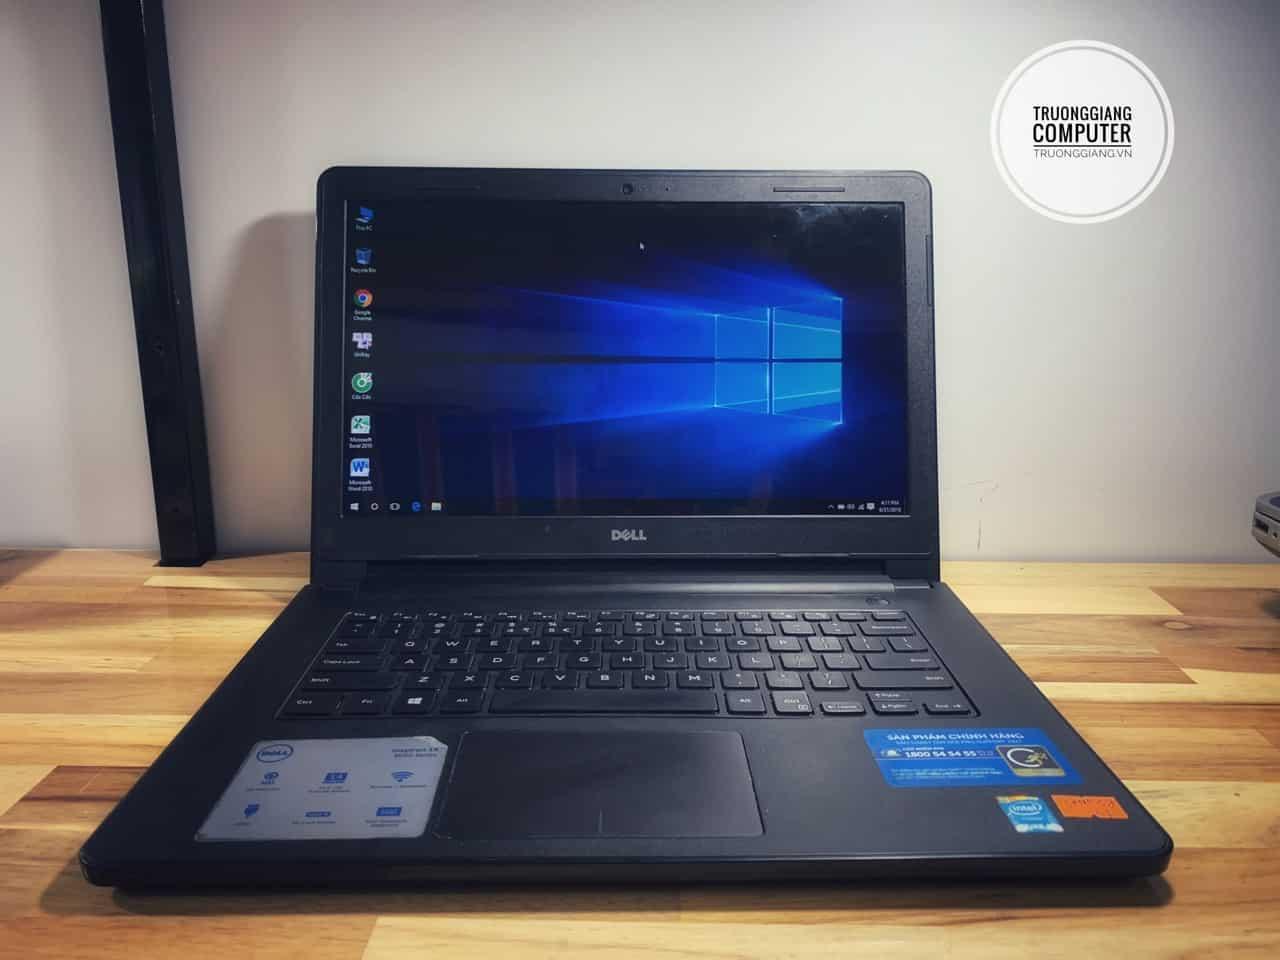 Màn hình laptop Dell inspiron 3458